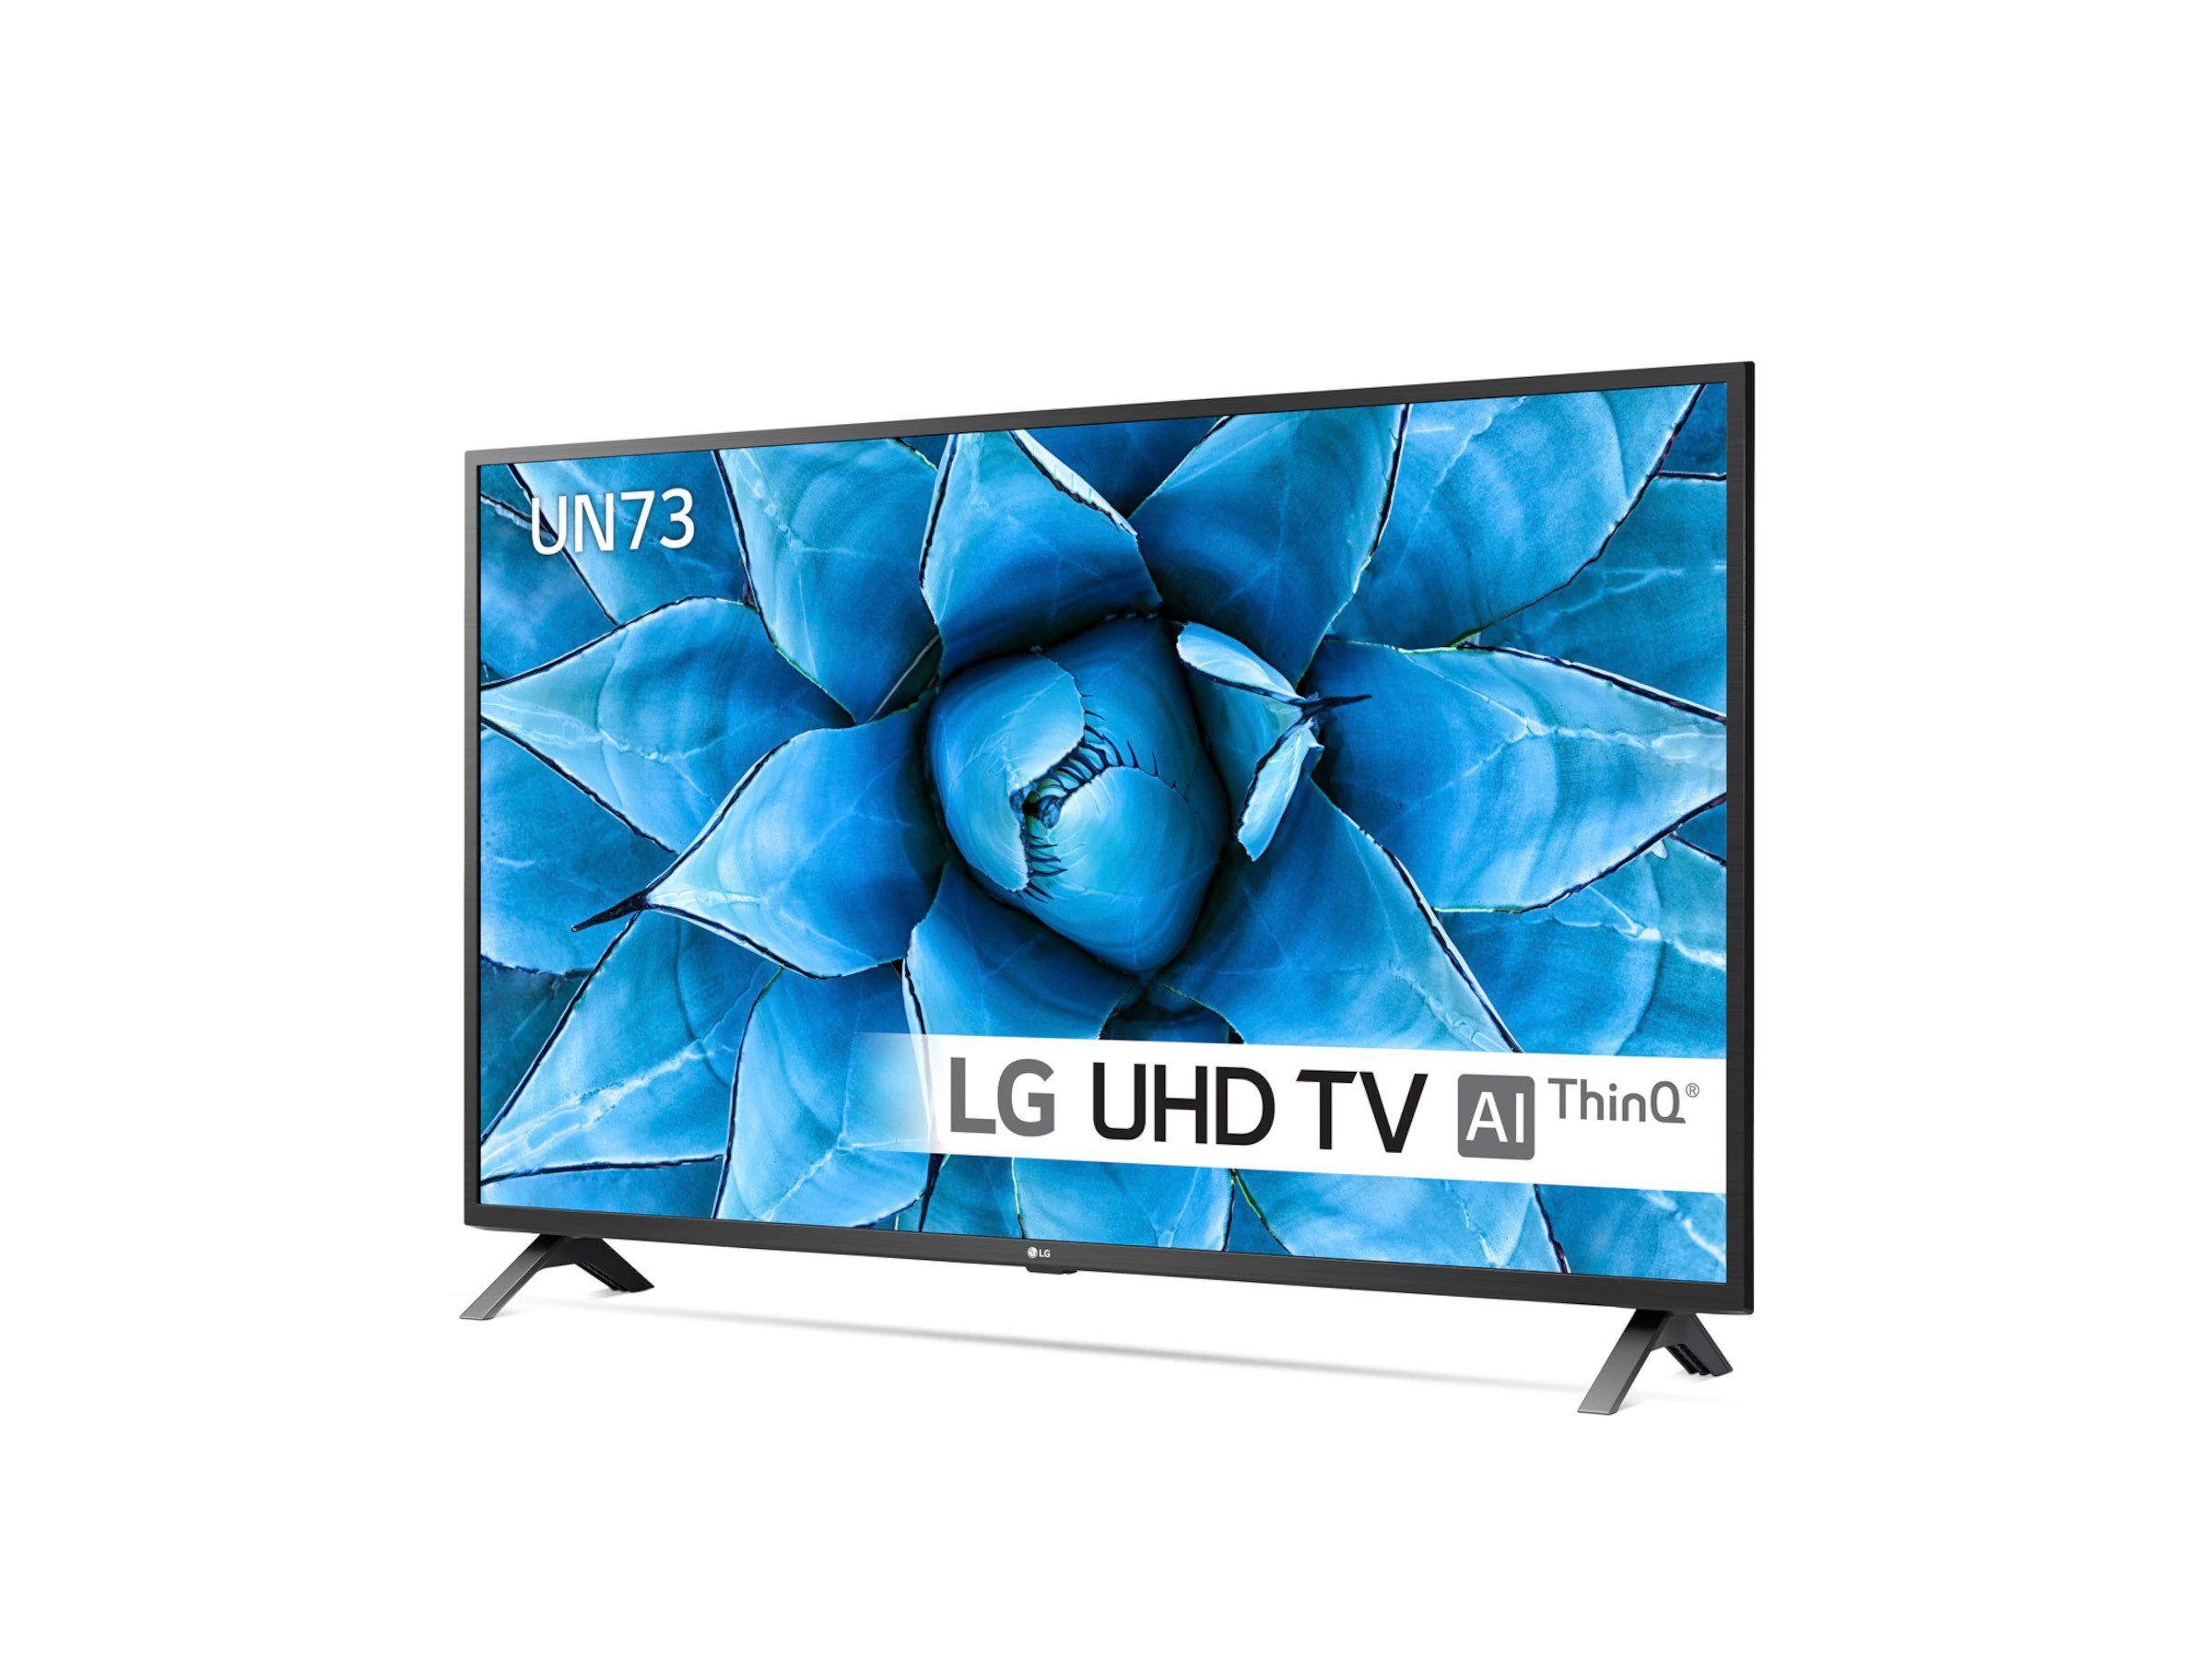 LG 50-tums UHD 4K Smart-TV med Wi-Fi